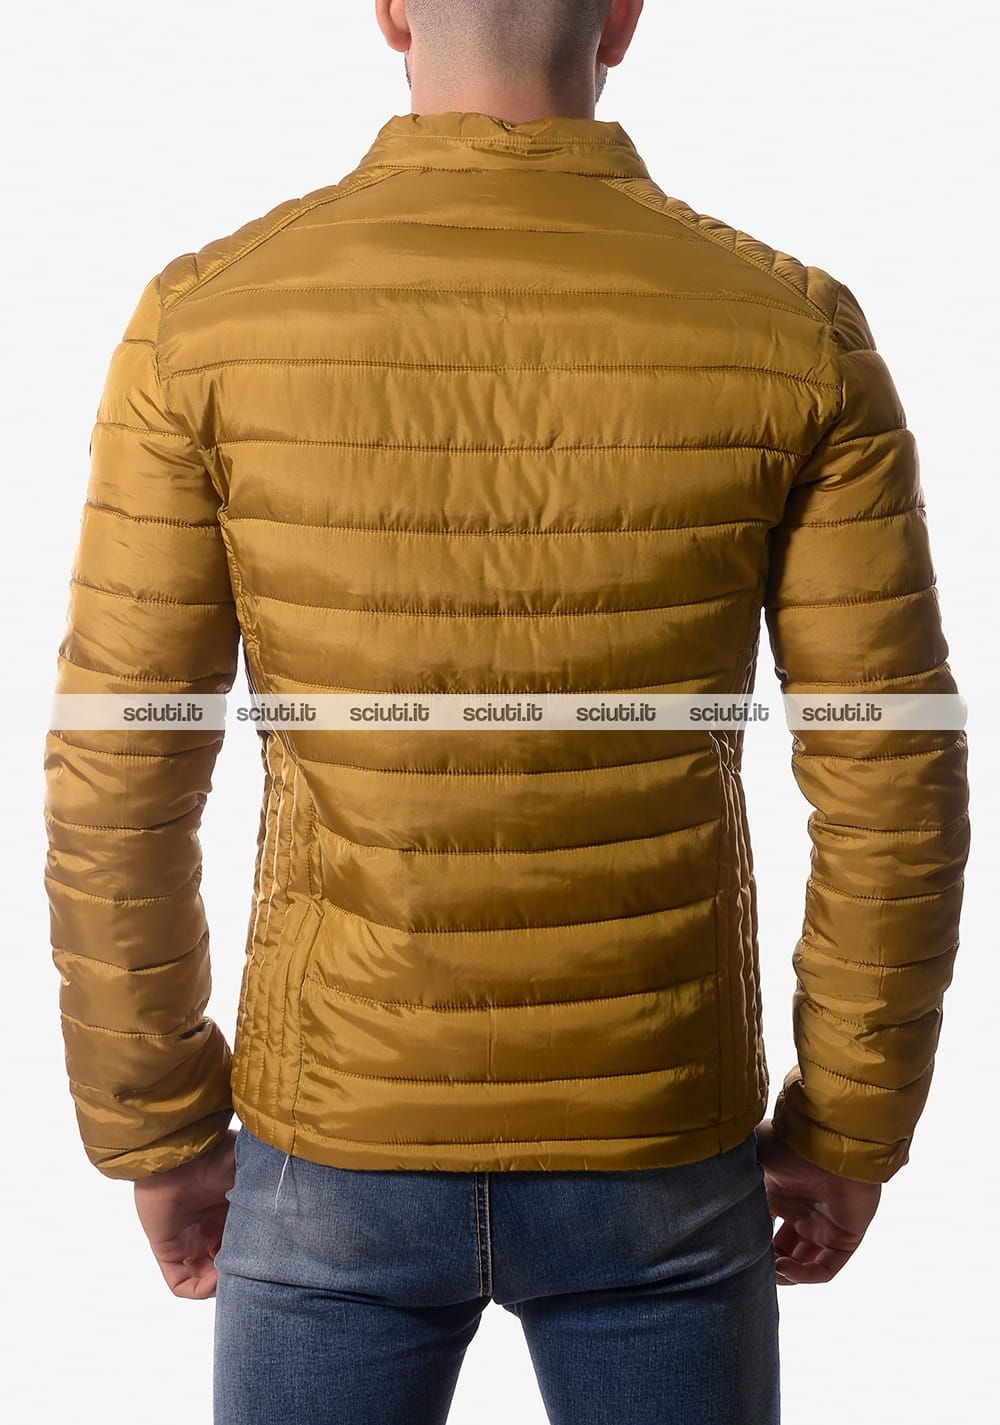 new style e2090 96587 Piumino Guess uomo auricolari senza cappuccio giallo senape ...